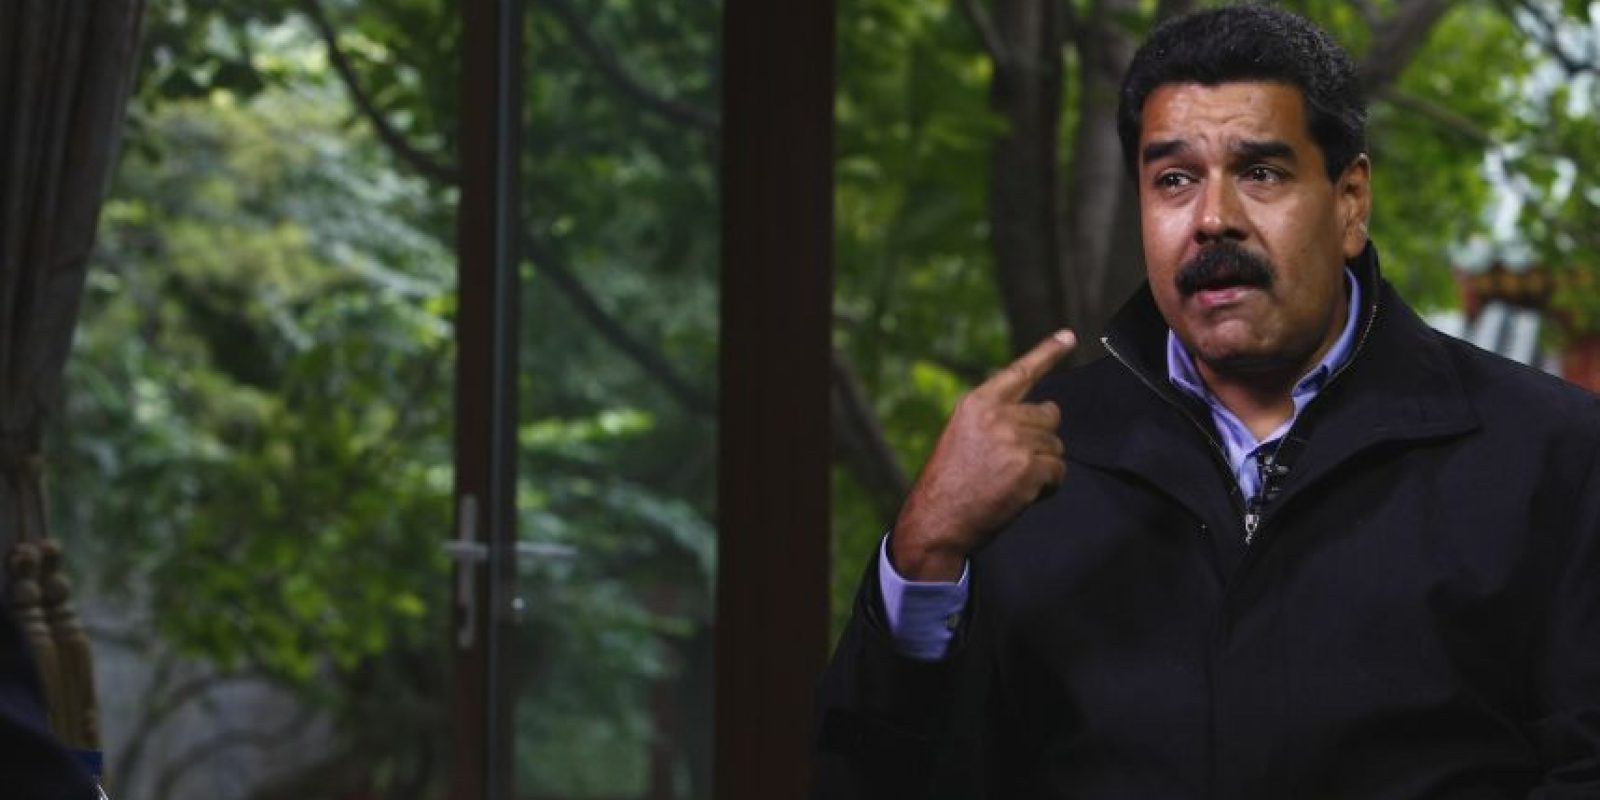 """Durante su visita a Panamá, Maduro cambió el nombre de la comunidad El Chorrillo: """"Yo les agradezco porque esta visita no se había anunciado, era secreta, yo quería venir en silencio, en soledad a rendirle un homenaje al espíritu eterno de quienes cayeron, los mártires del zorrillo… de Chorrillo"""". Foto:Getty Images"""